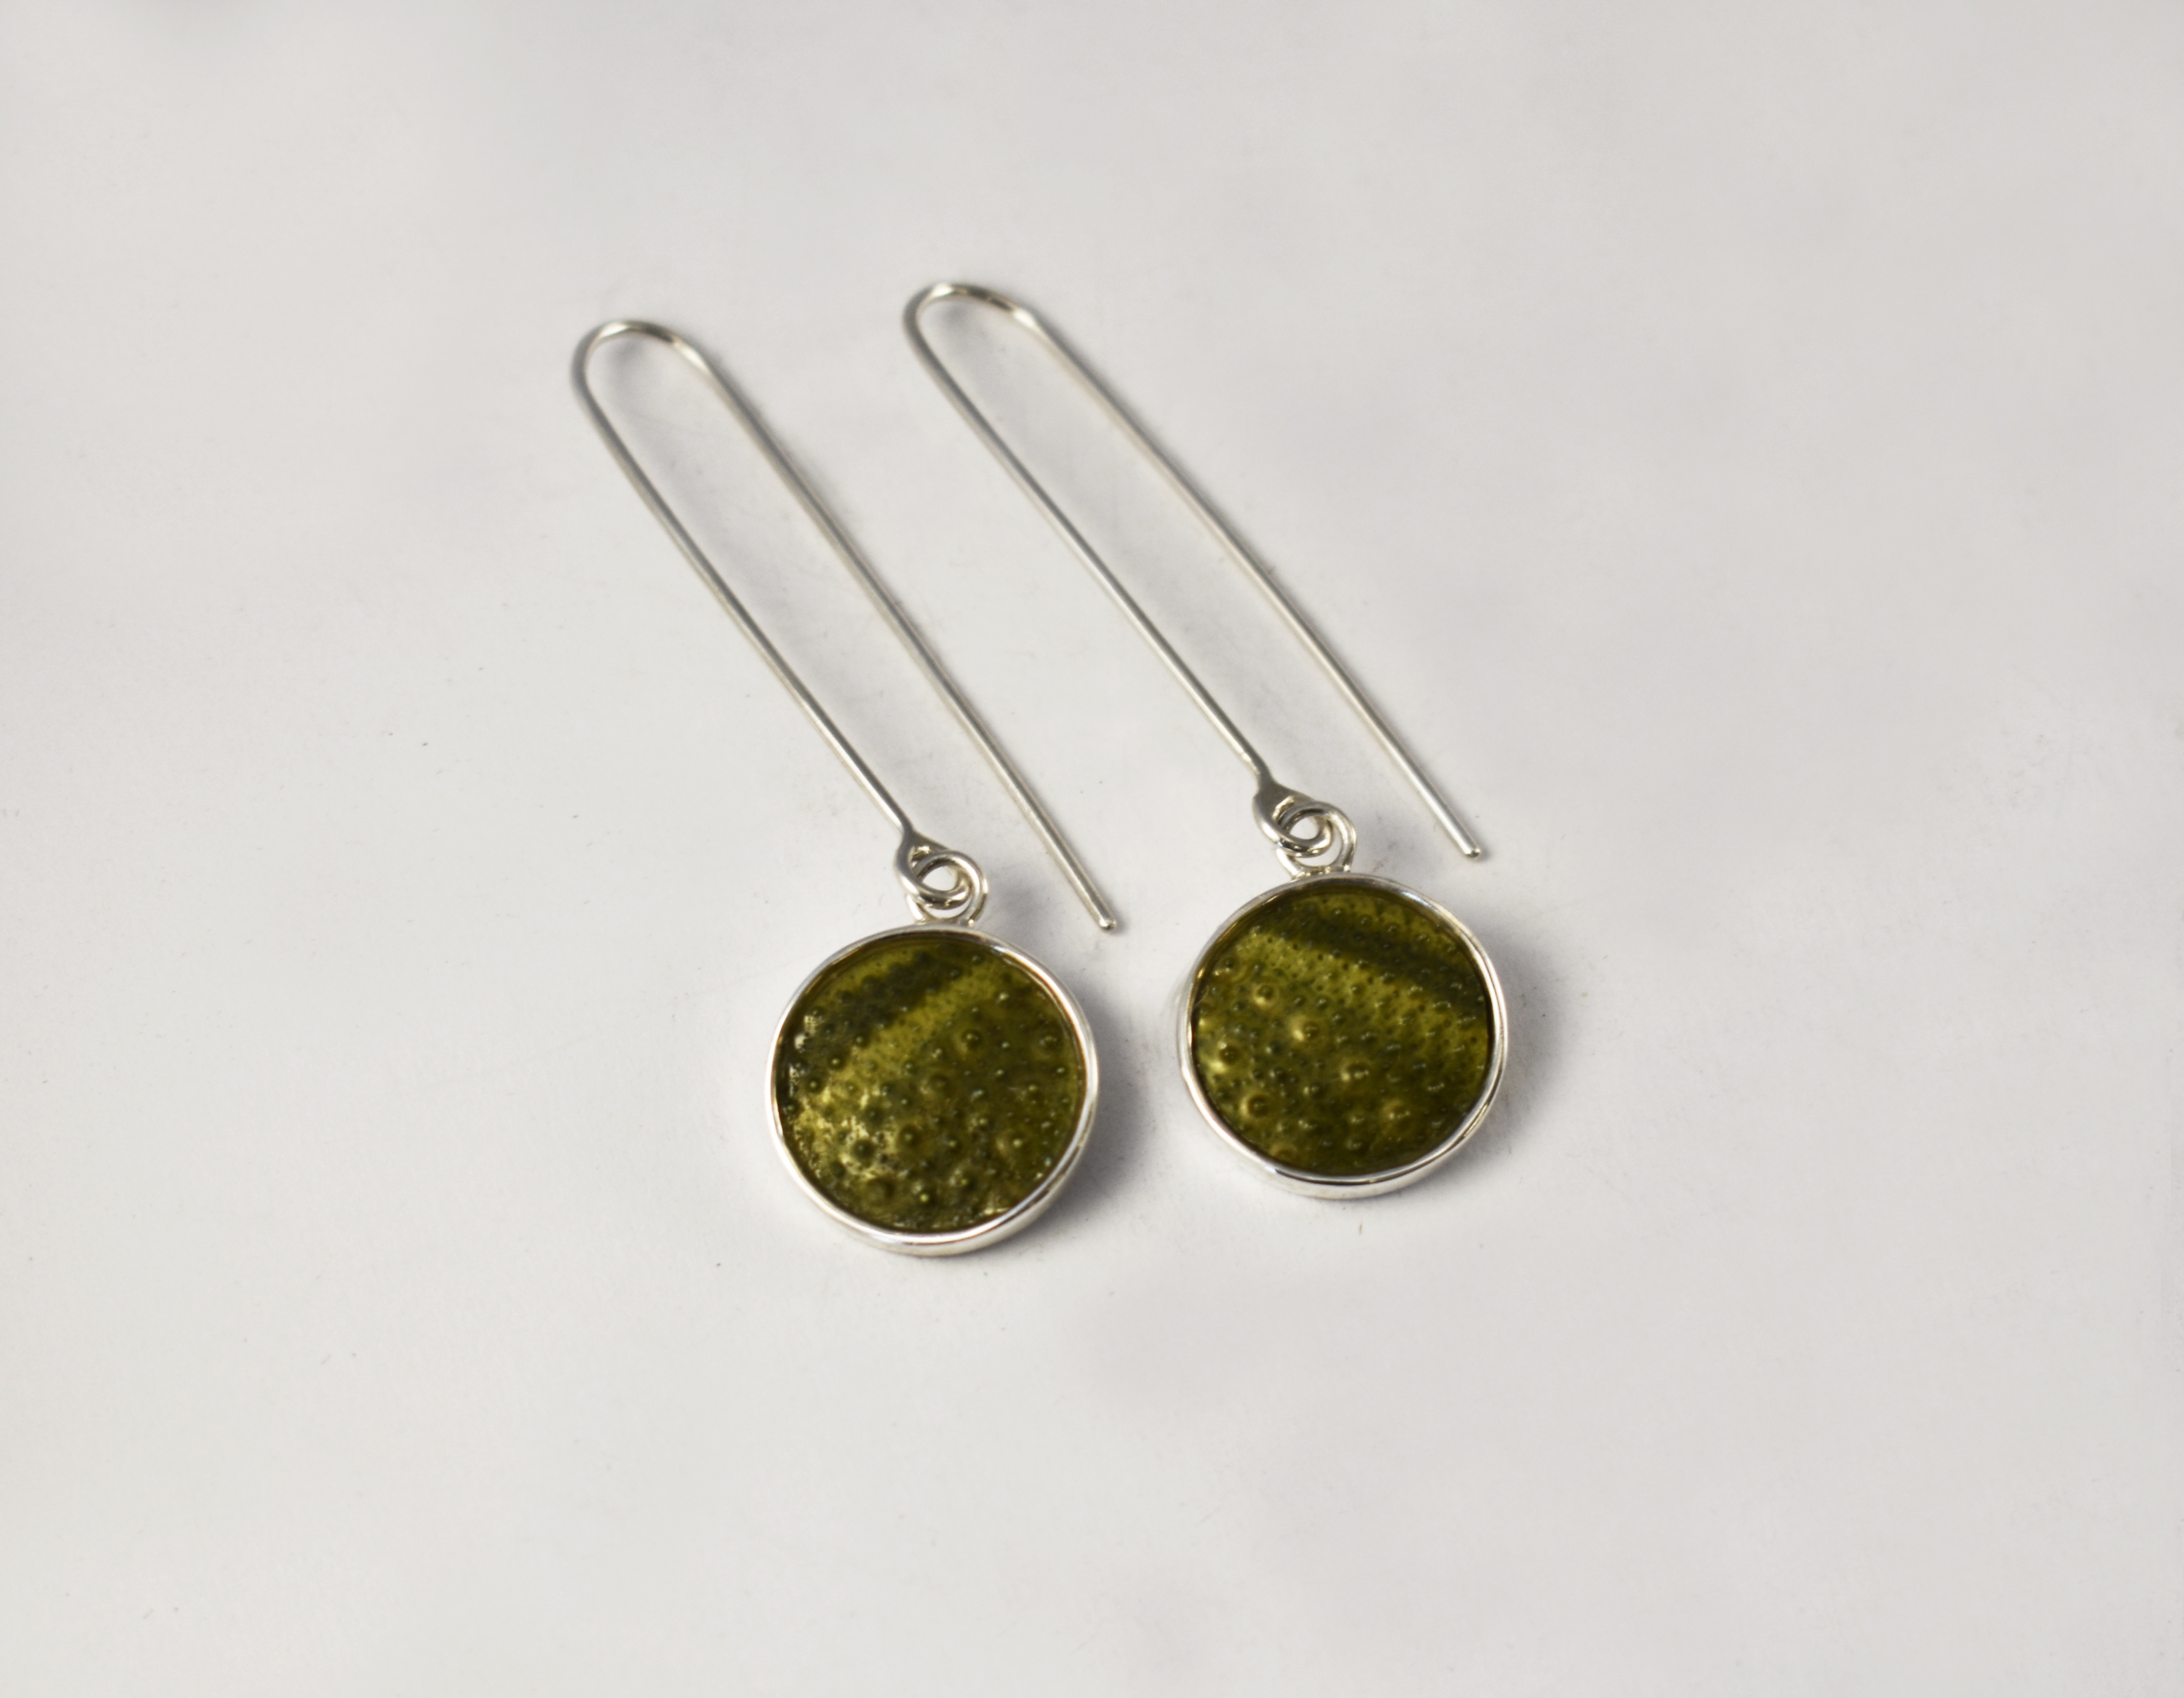 KJ112 Dangling Sea Urchin Earrings 1